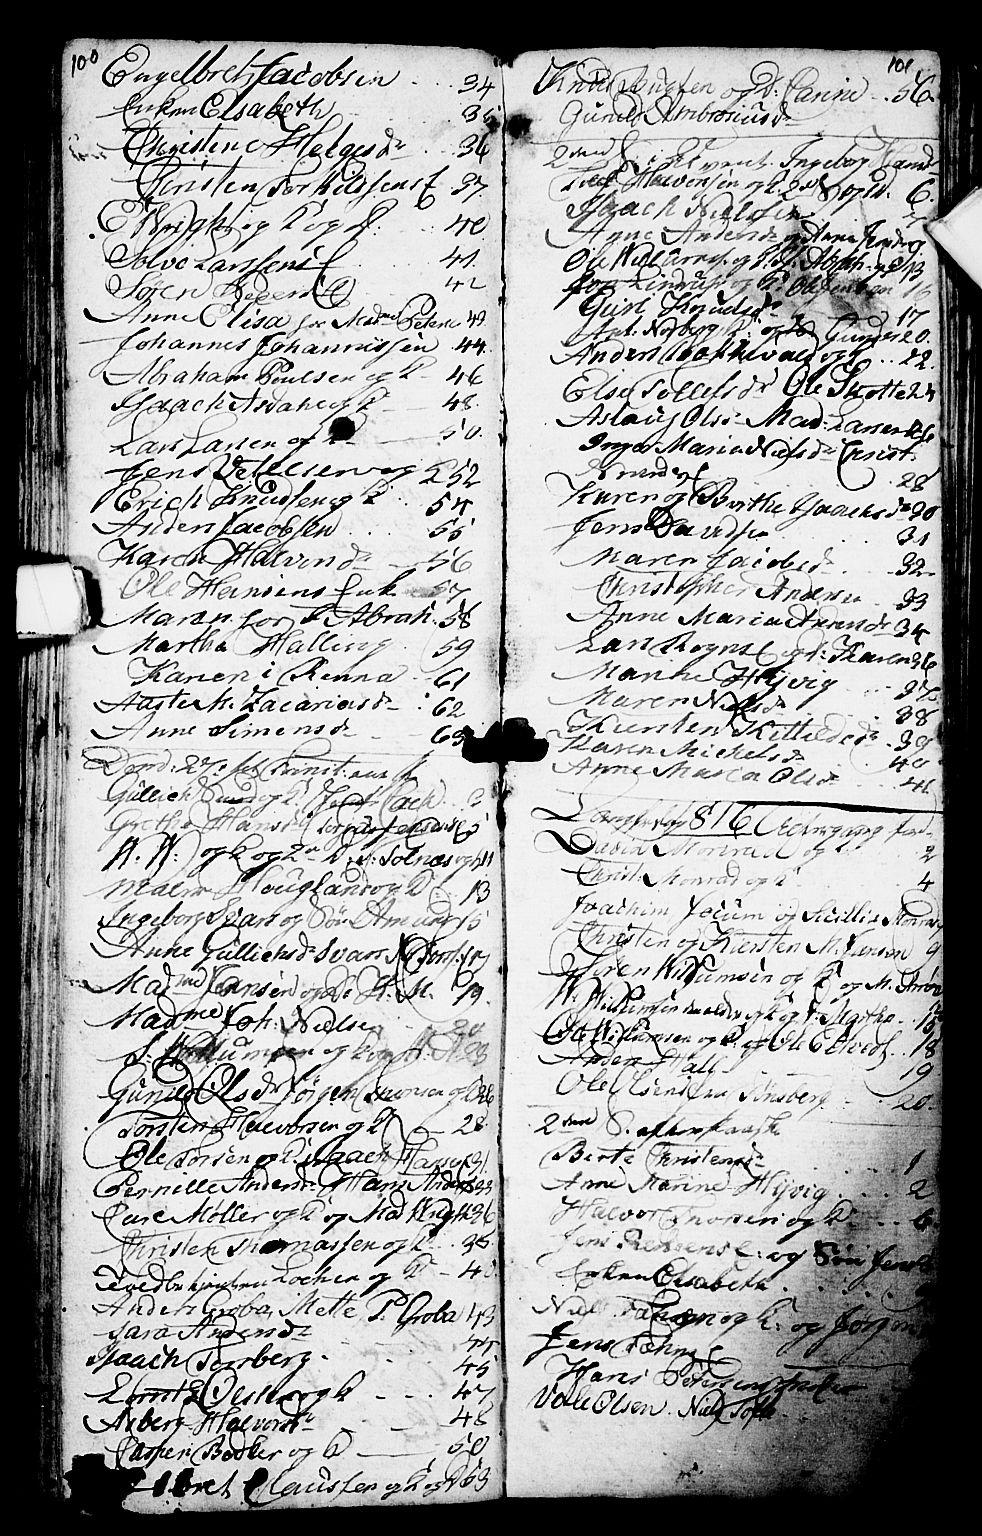 SAKO, Porsgrunn kirkebøker , G/Ga/L0001: Klokkerbok nr. I 1, 1766-1790, s. 100-101